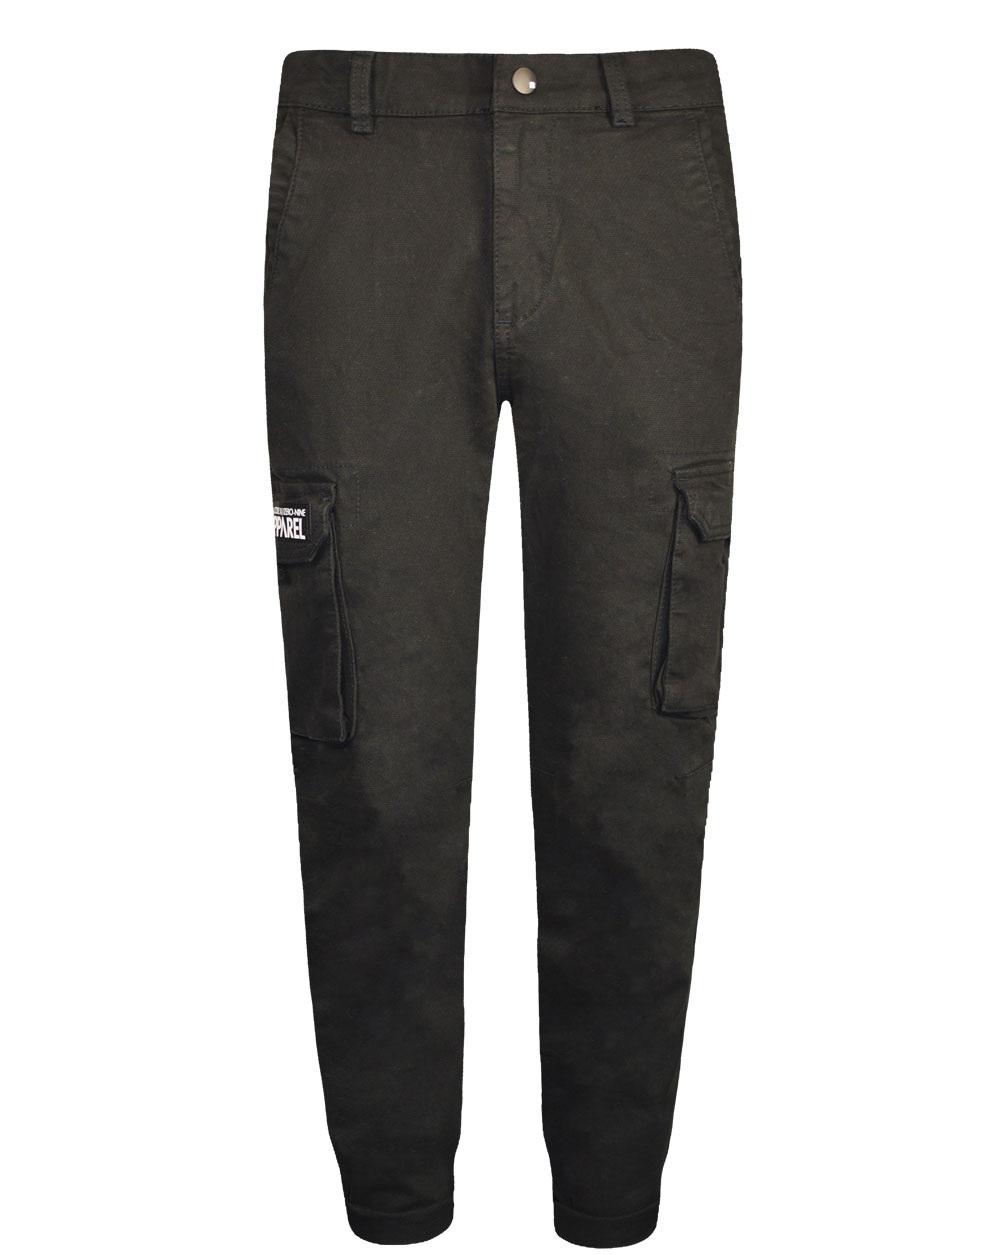 Ελαστικό παντελόνι cargo με εξωτερικές πλαϊνές τσέπες σταθερό ύφασμα καμβάς 13-120016-2 - Μαύρο - 18740-10/12/1/106